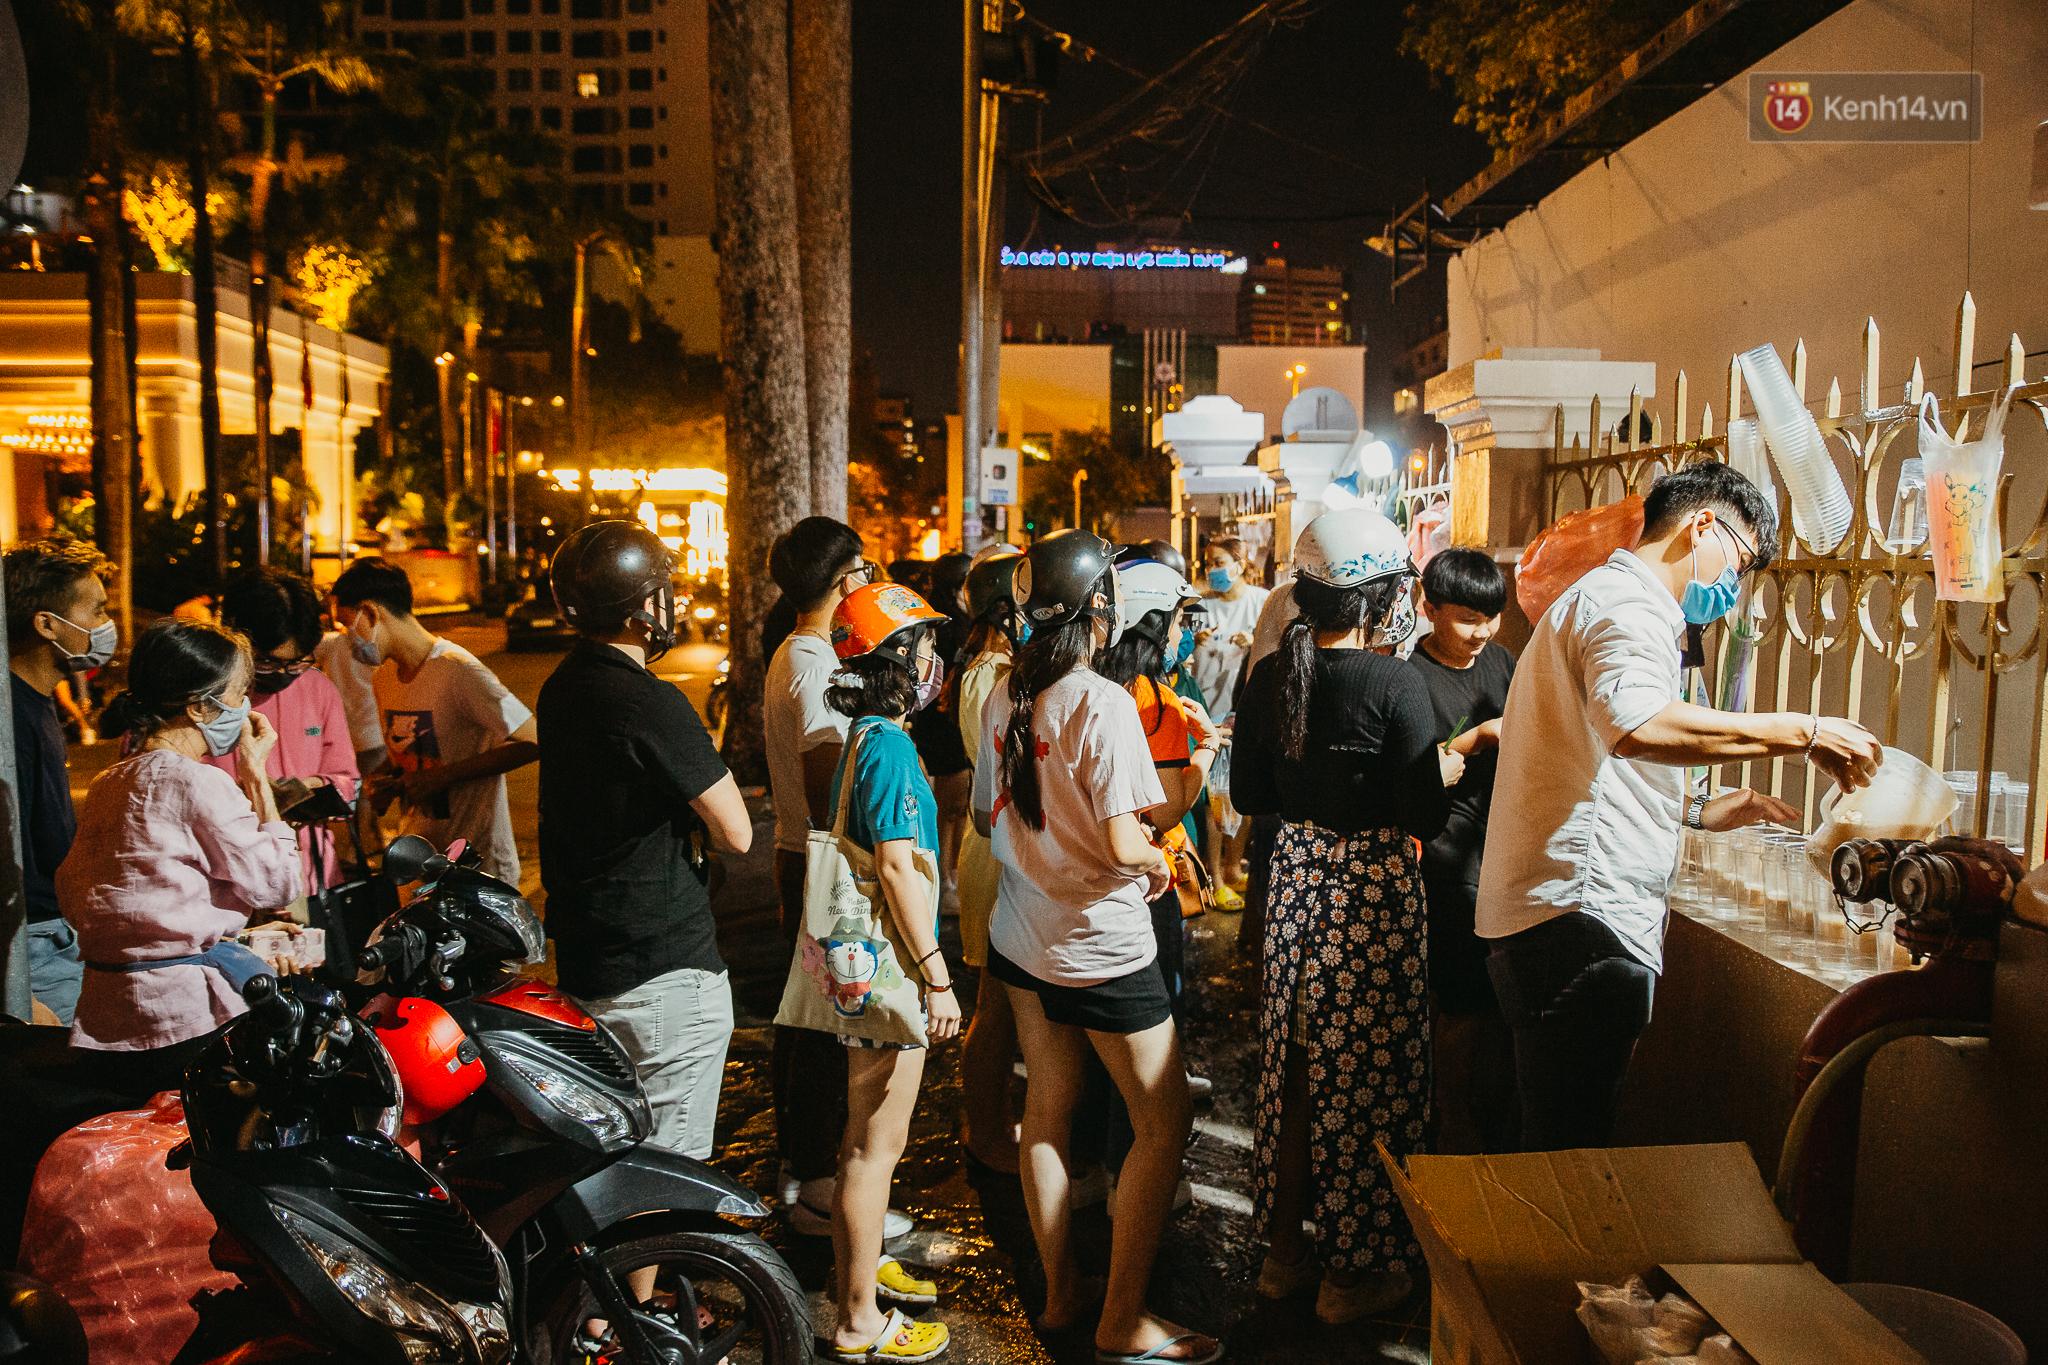 Đến Việt Nam, chàng trai nước ngoài ngỡ ngàng vì chủ quán đang bán thì đi ngủ, dân mạng kể nhiều tình huống còn bó tay hơn - Ảnh 1.